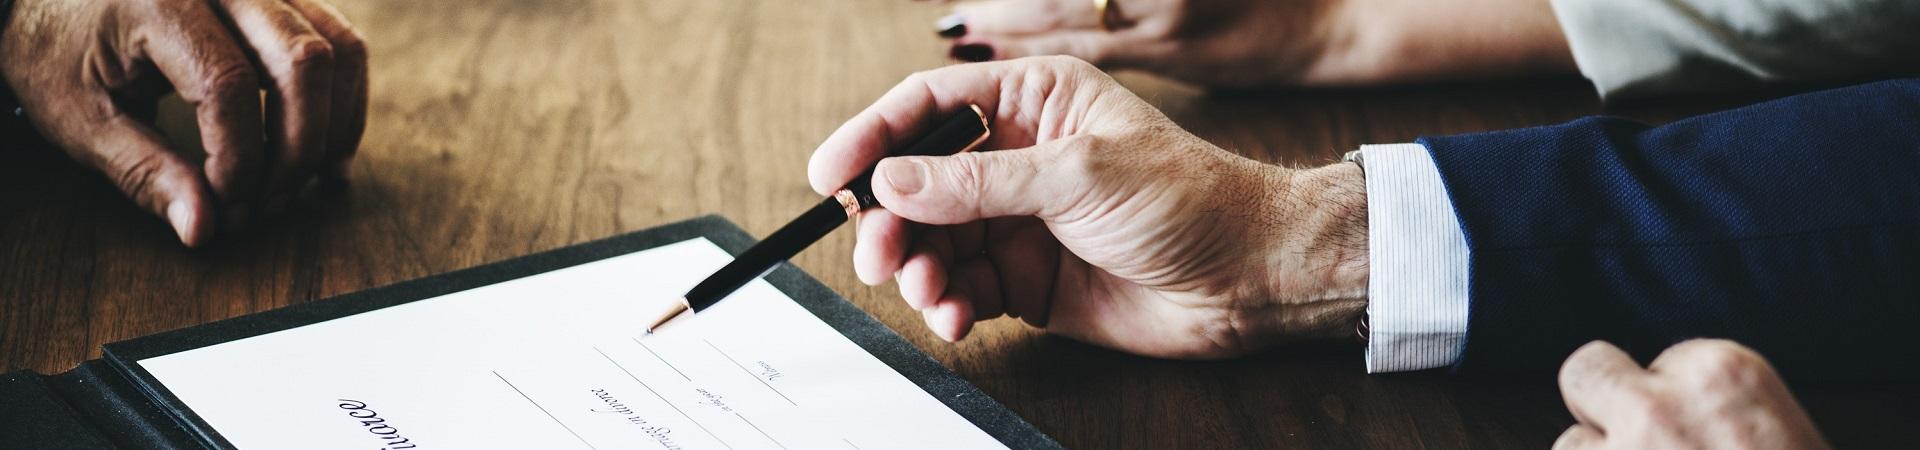 Ликвидация ООО с долгами – порядок действий